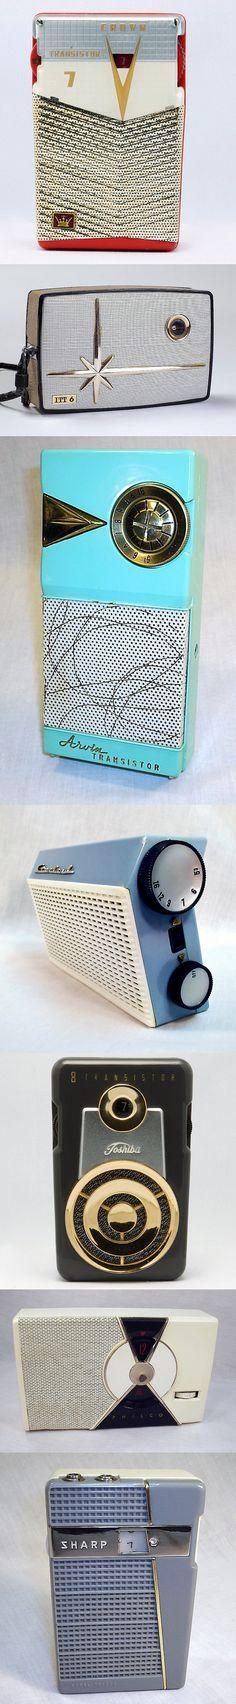 Transistor Radios - 50's / 1950's Mid Century / Portable Radio / Vintage / Retro / Antique /